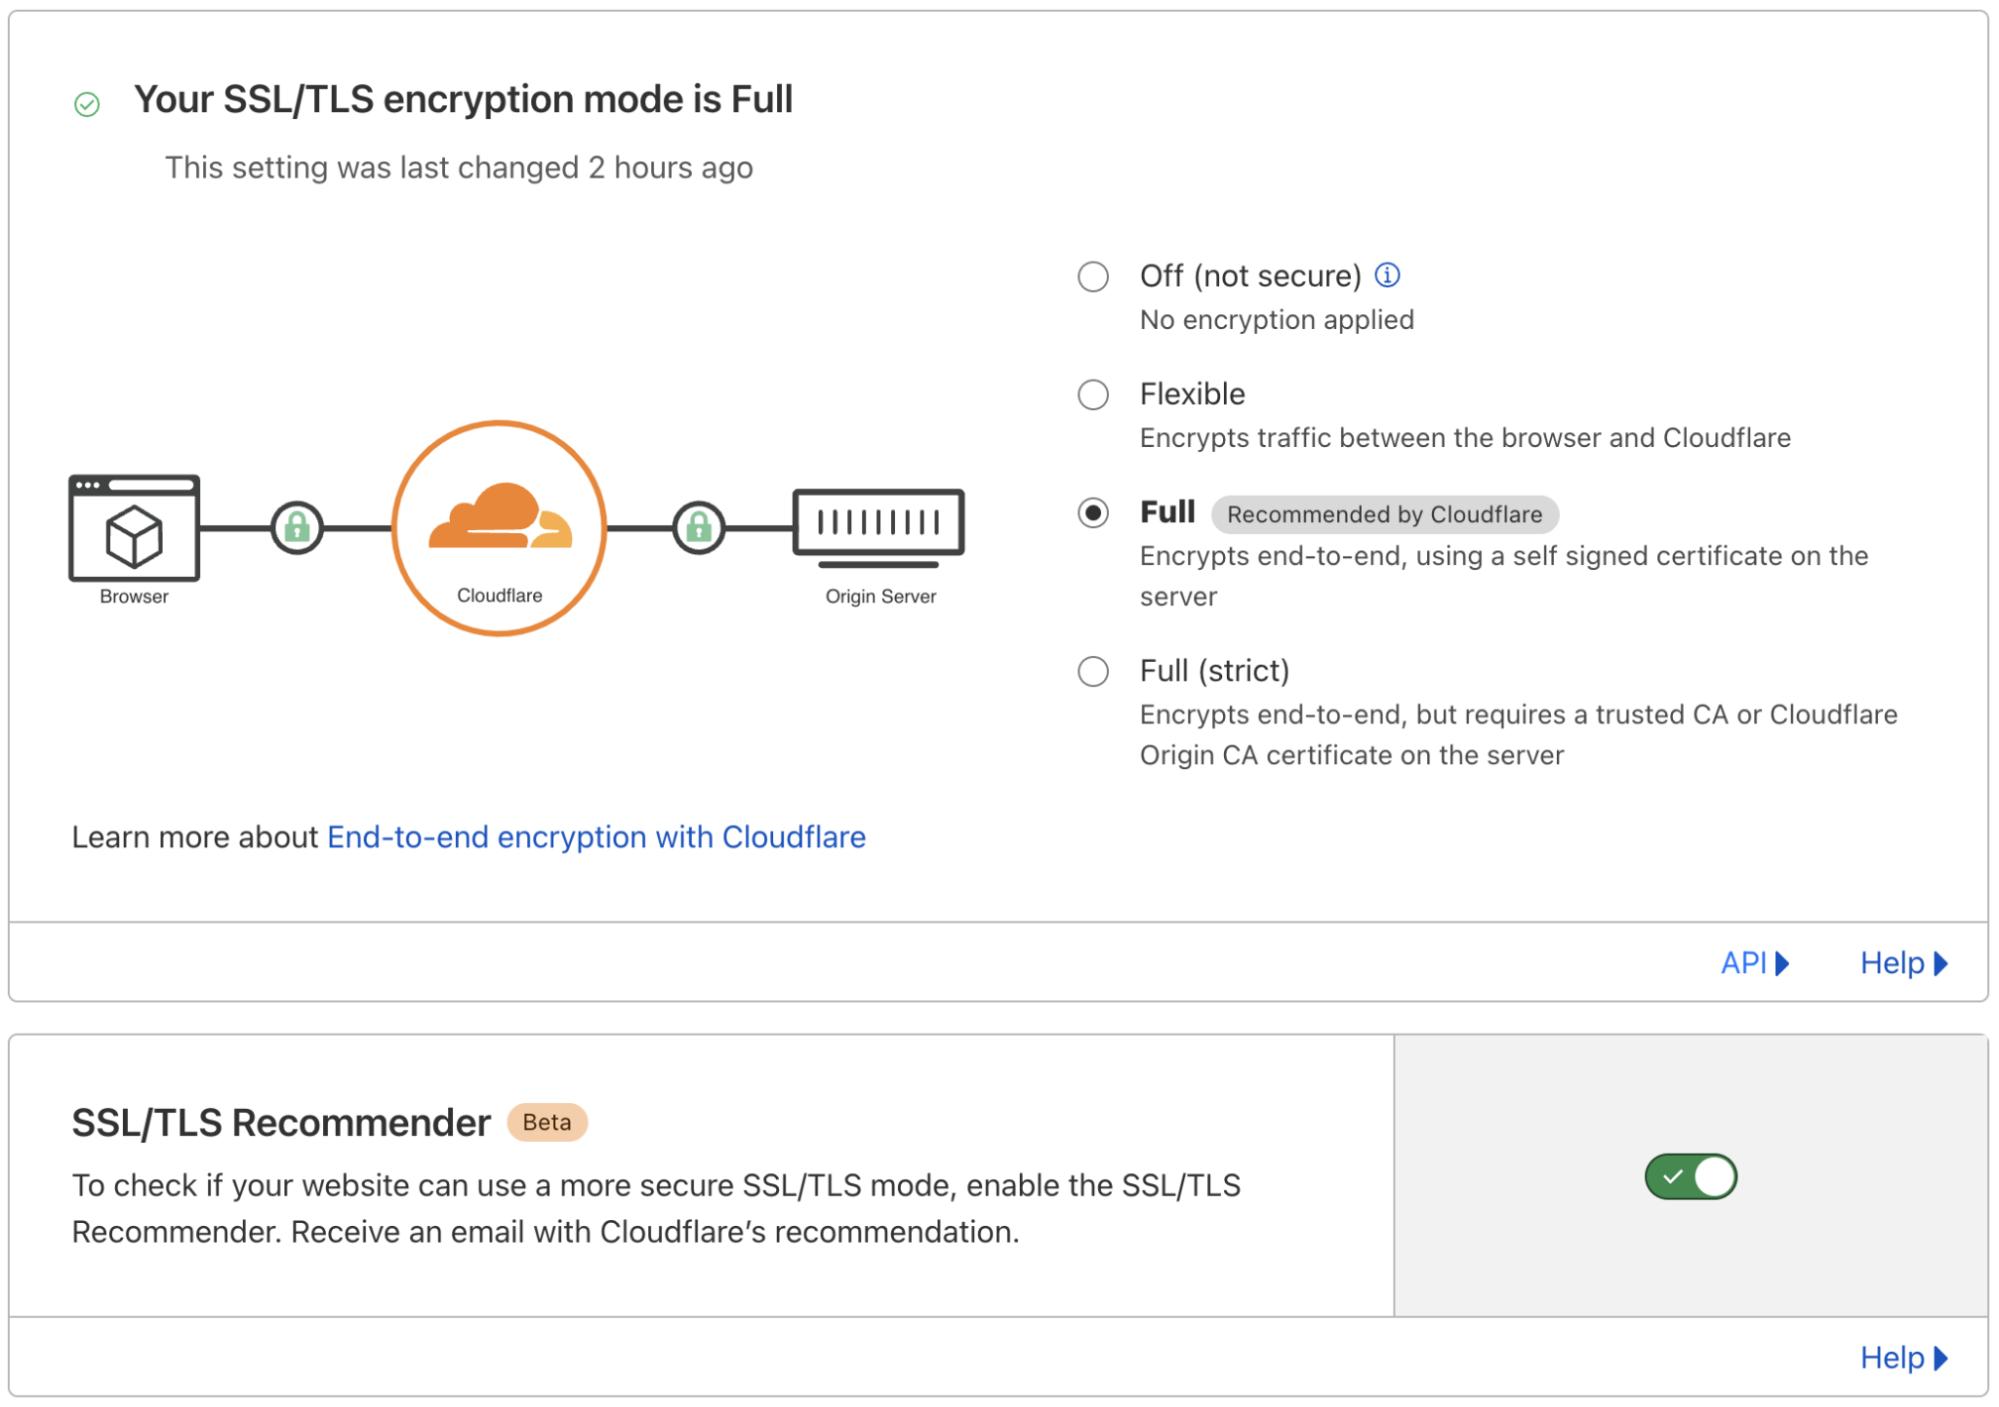 Introducing SSL/TLS Recommender